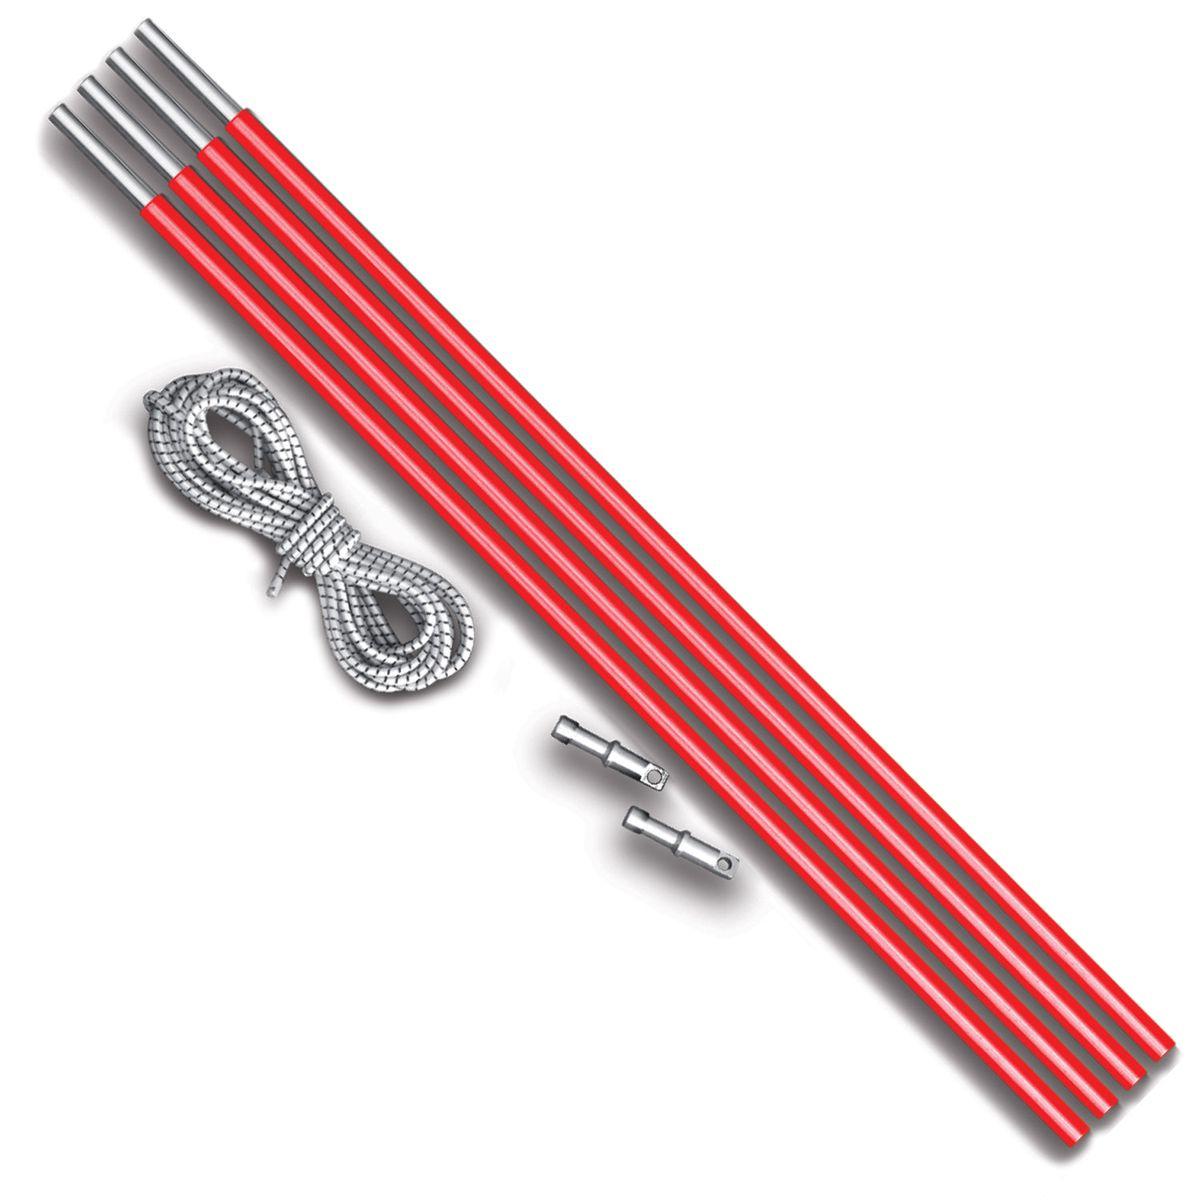 Комплект дуг алюминий Nova Tour v2, цвет: красный металлик, диаметр 8,5 мм кальсоны nova tour бэйс v2 xxl graphite 95359 924 xxl